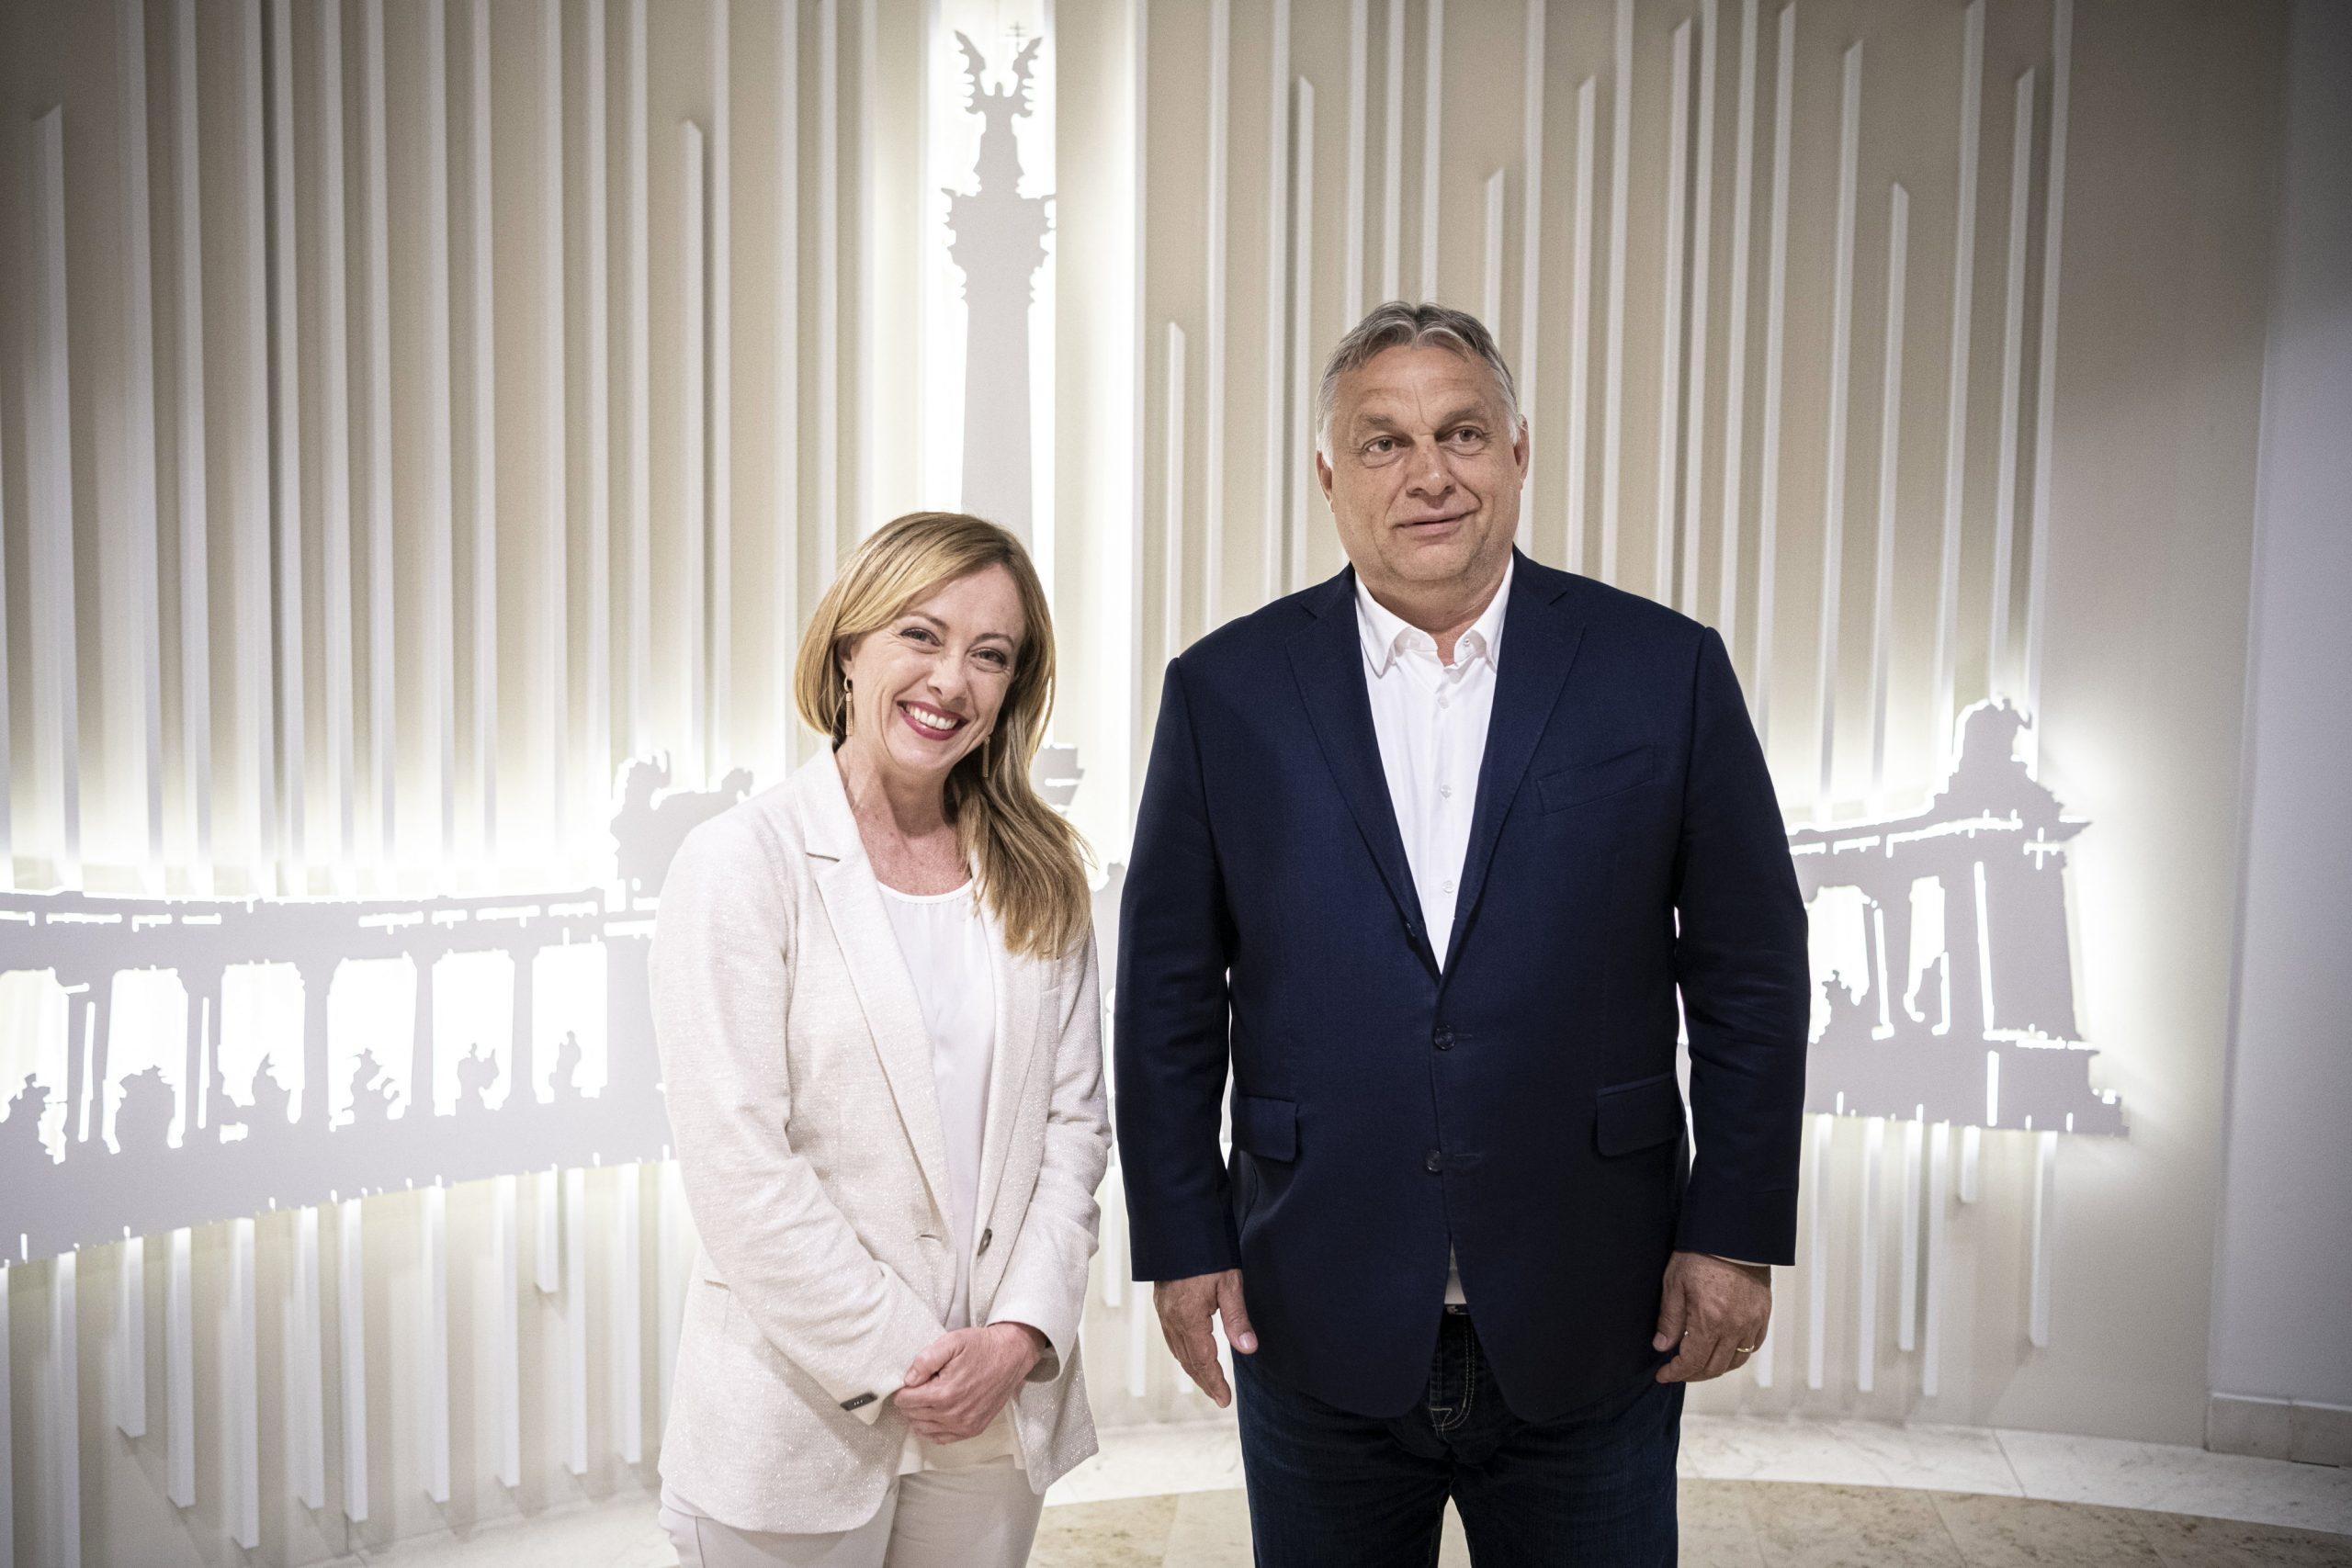 Mit kell tudni ahhoz, hogy Orbán téged válasszon a meccs helyett?